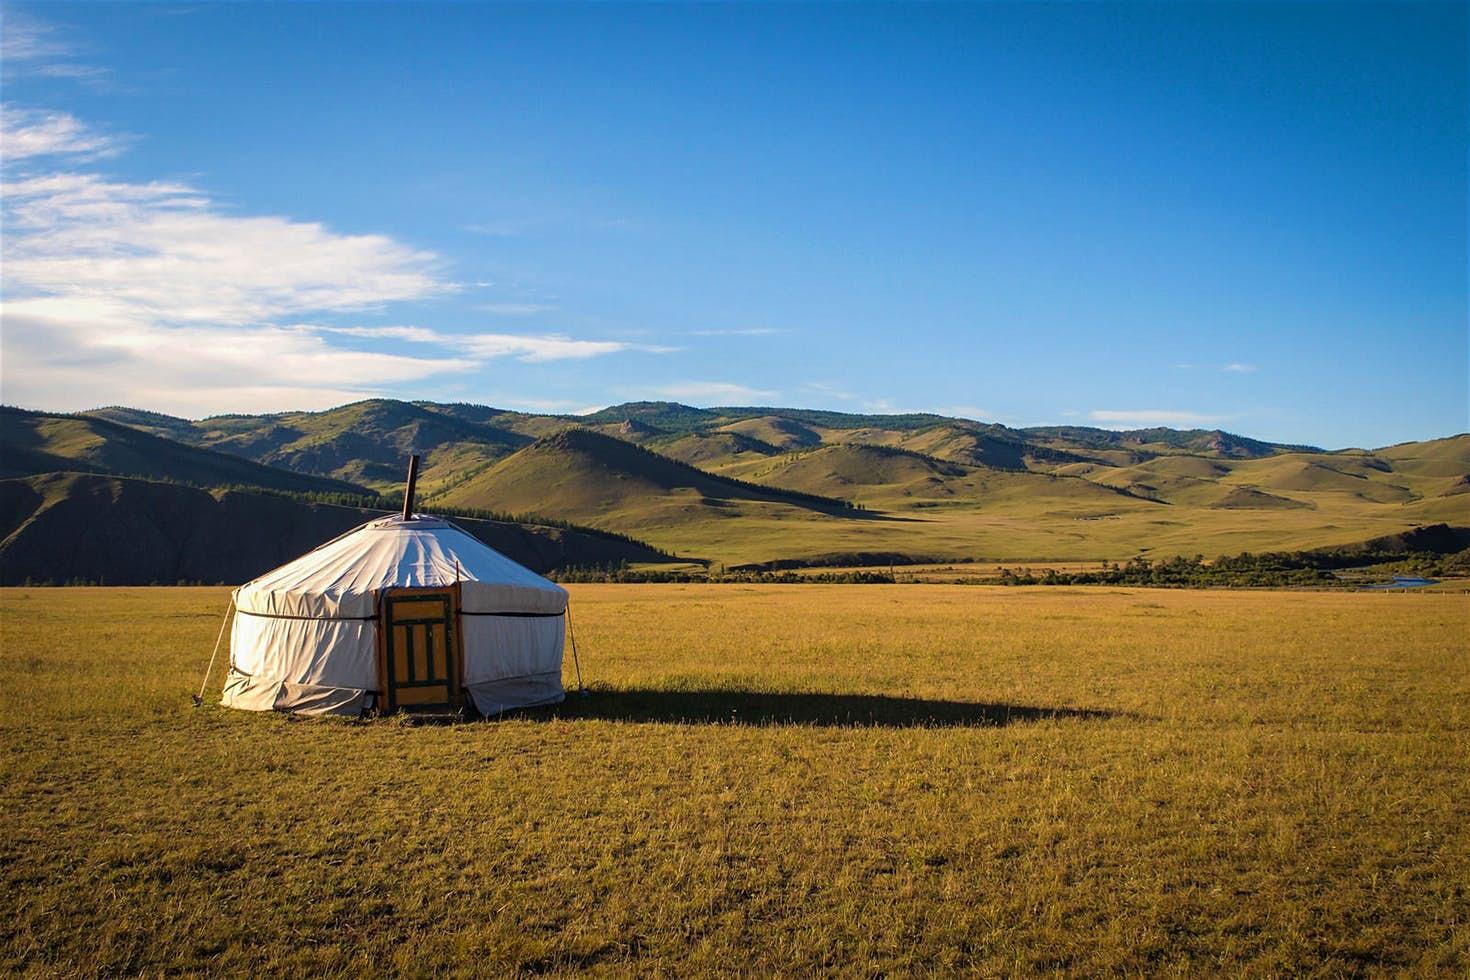 Mông Cổ: Vùng đất của những chuyến đi để đời!